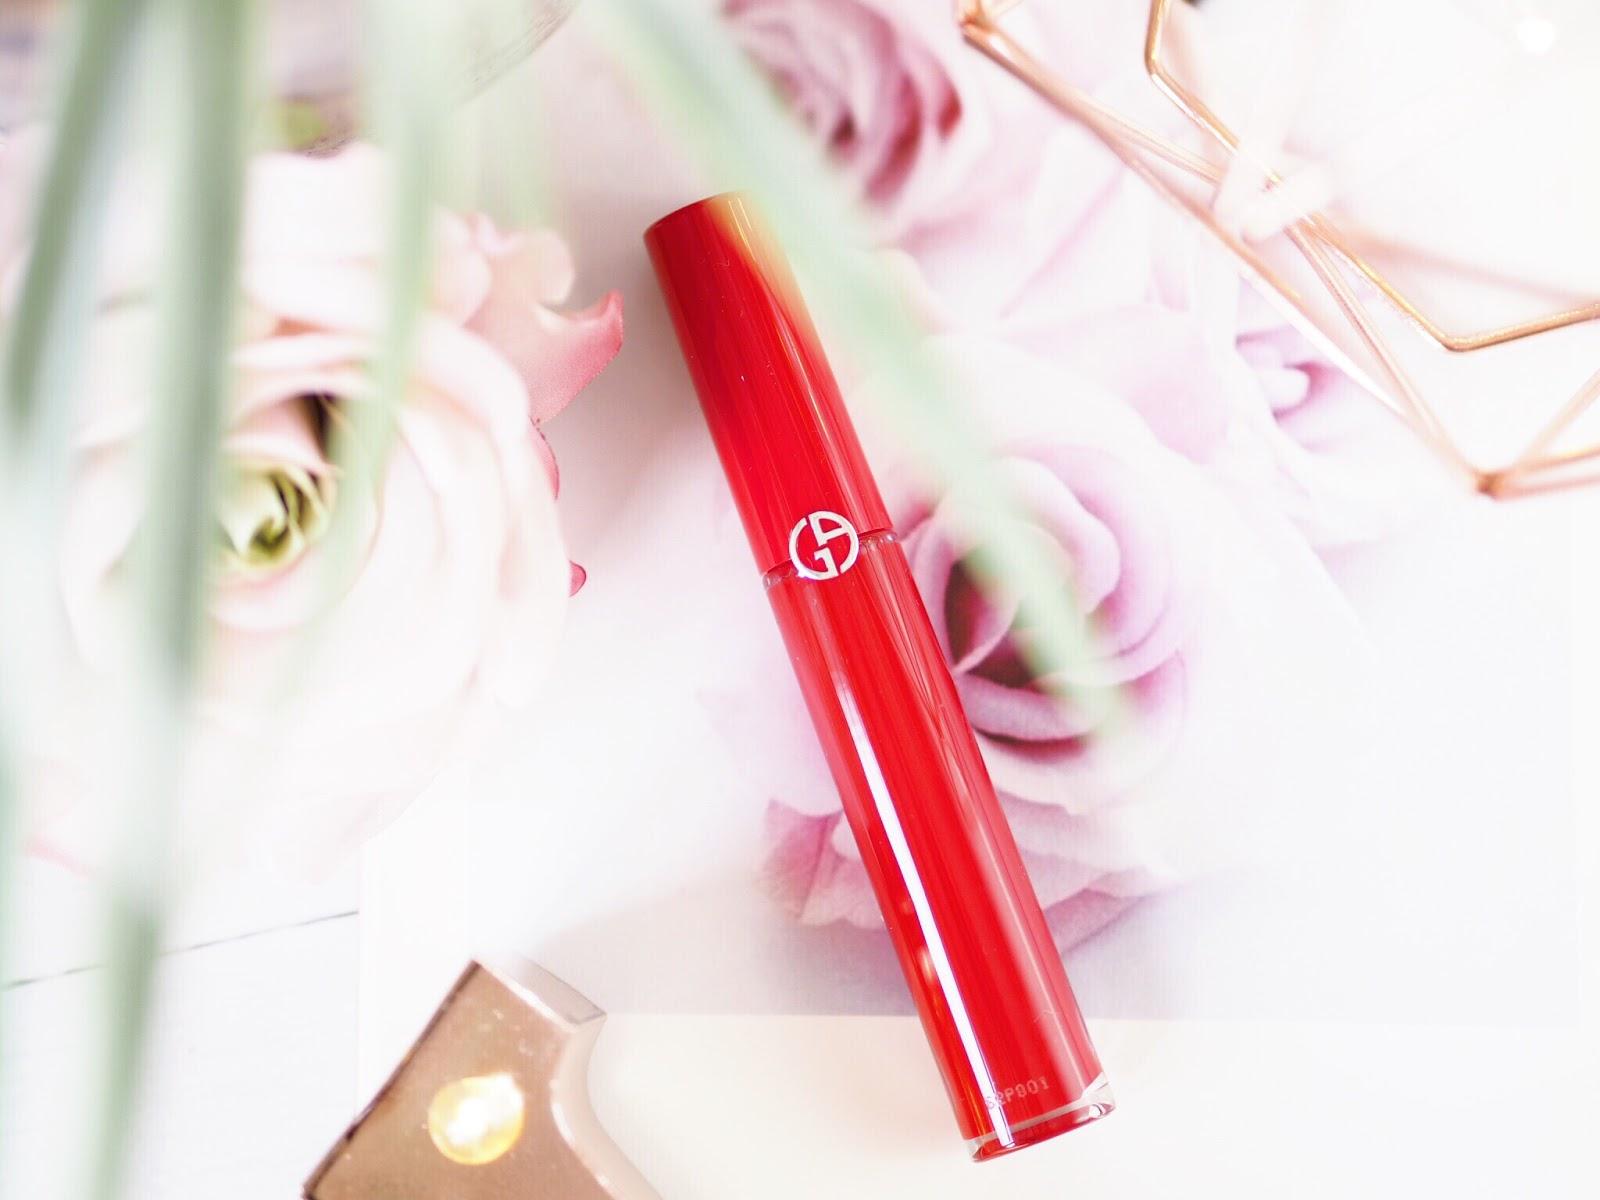 Lip Maestro, red lipstick, red liquid lipstick